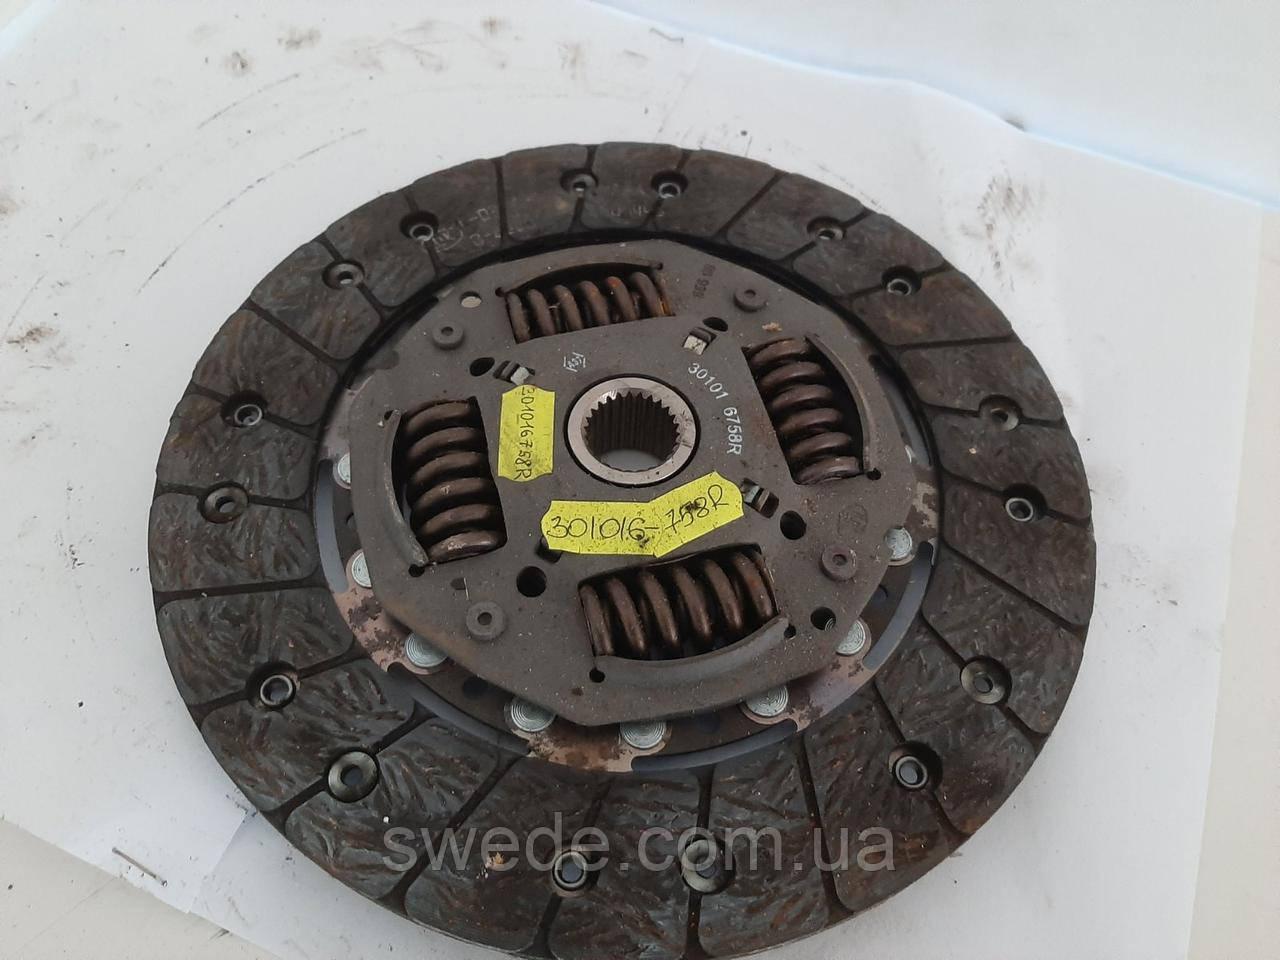 Диск сцепления Renault Kangoo 1.5 DCI 2006-2013 гг 301016758R